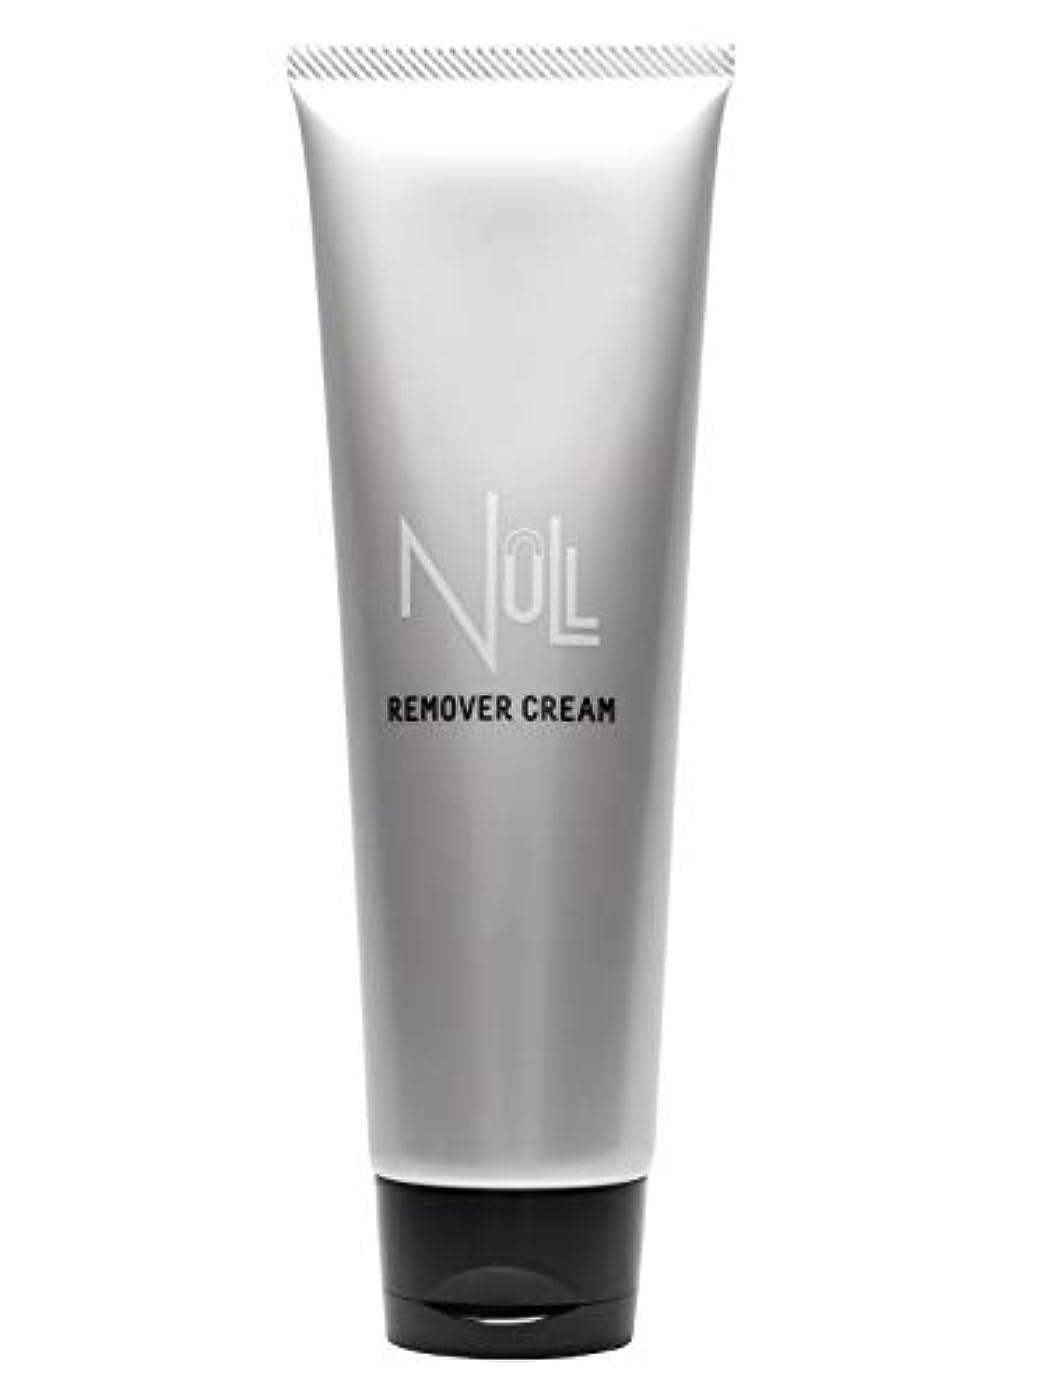 期限アルコール今後NULL 薬用リムーバークリーム 除毛クリーム メンズ 200g [ 陰部 / アンダーヘア / Vライン / ボディ用 ]